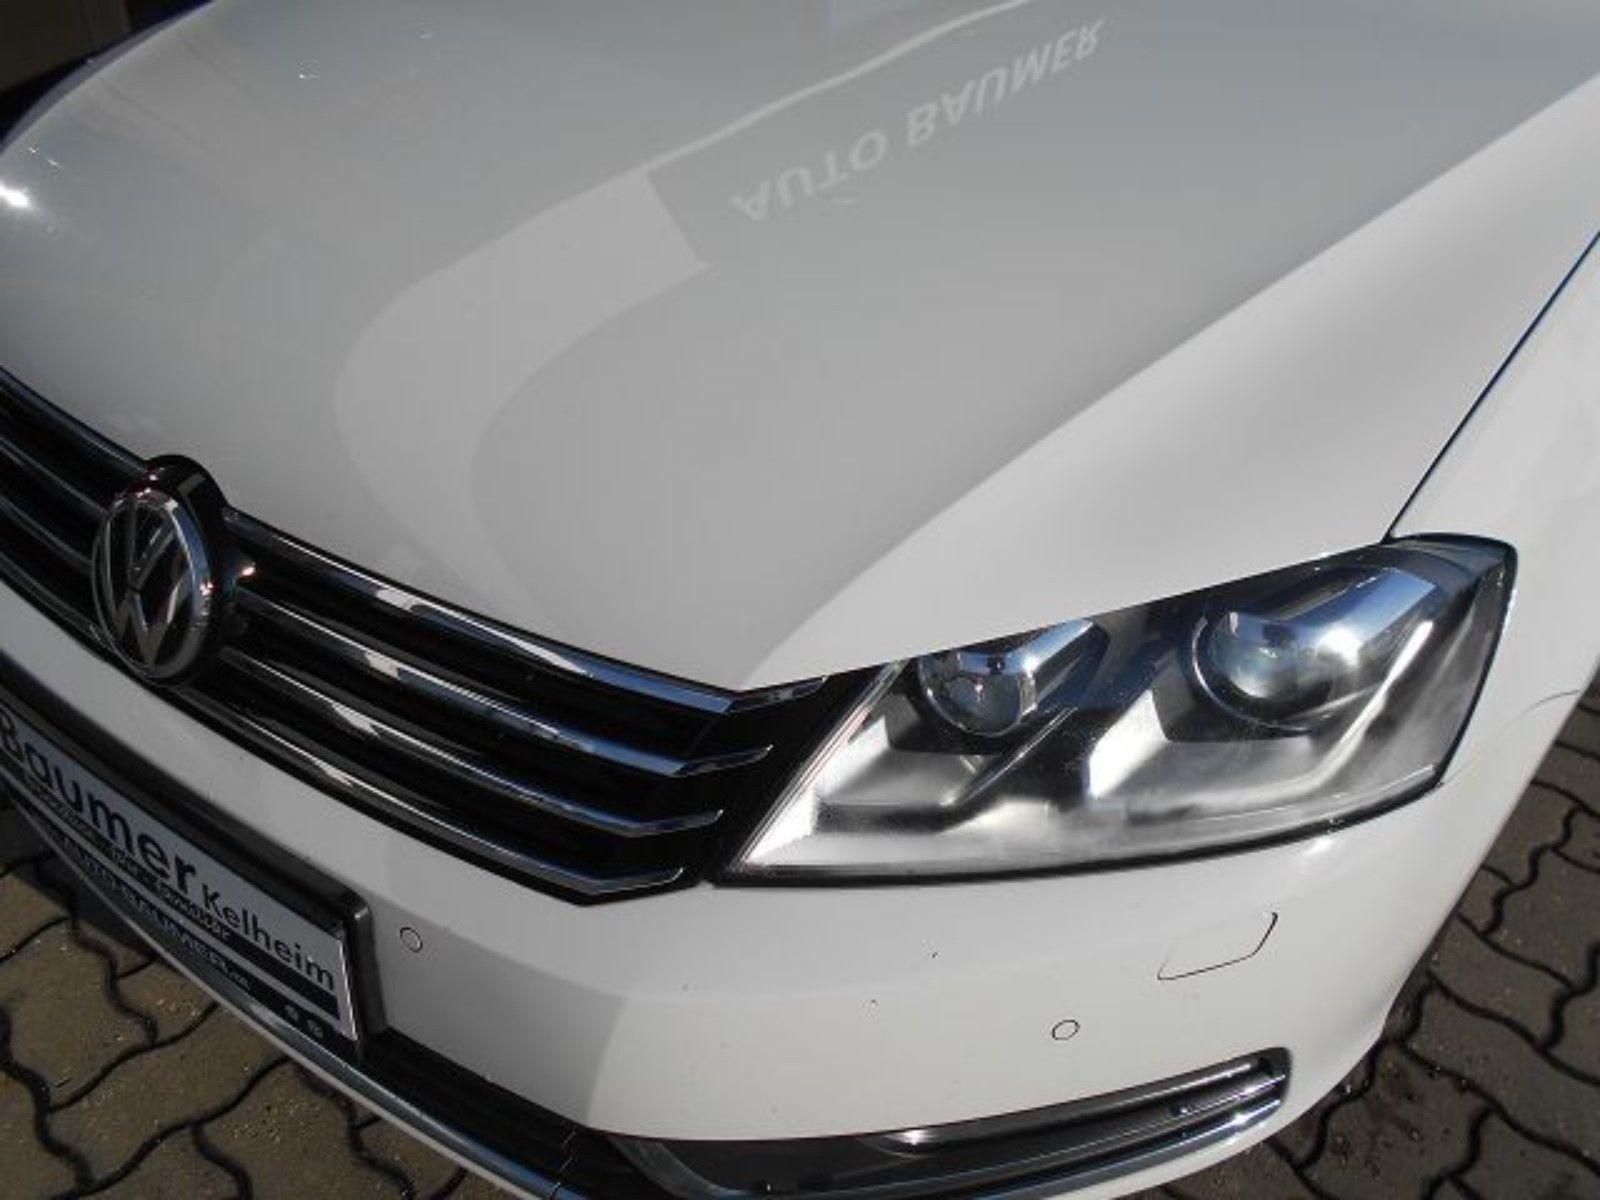 Покупка, внос на кола от Германия - VW Passat Variant 2014 Business Edition weiss 2.0 TDI 140PS DSG Navi (3)